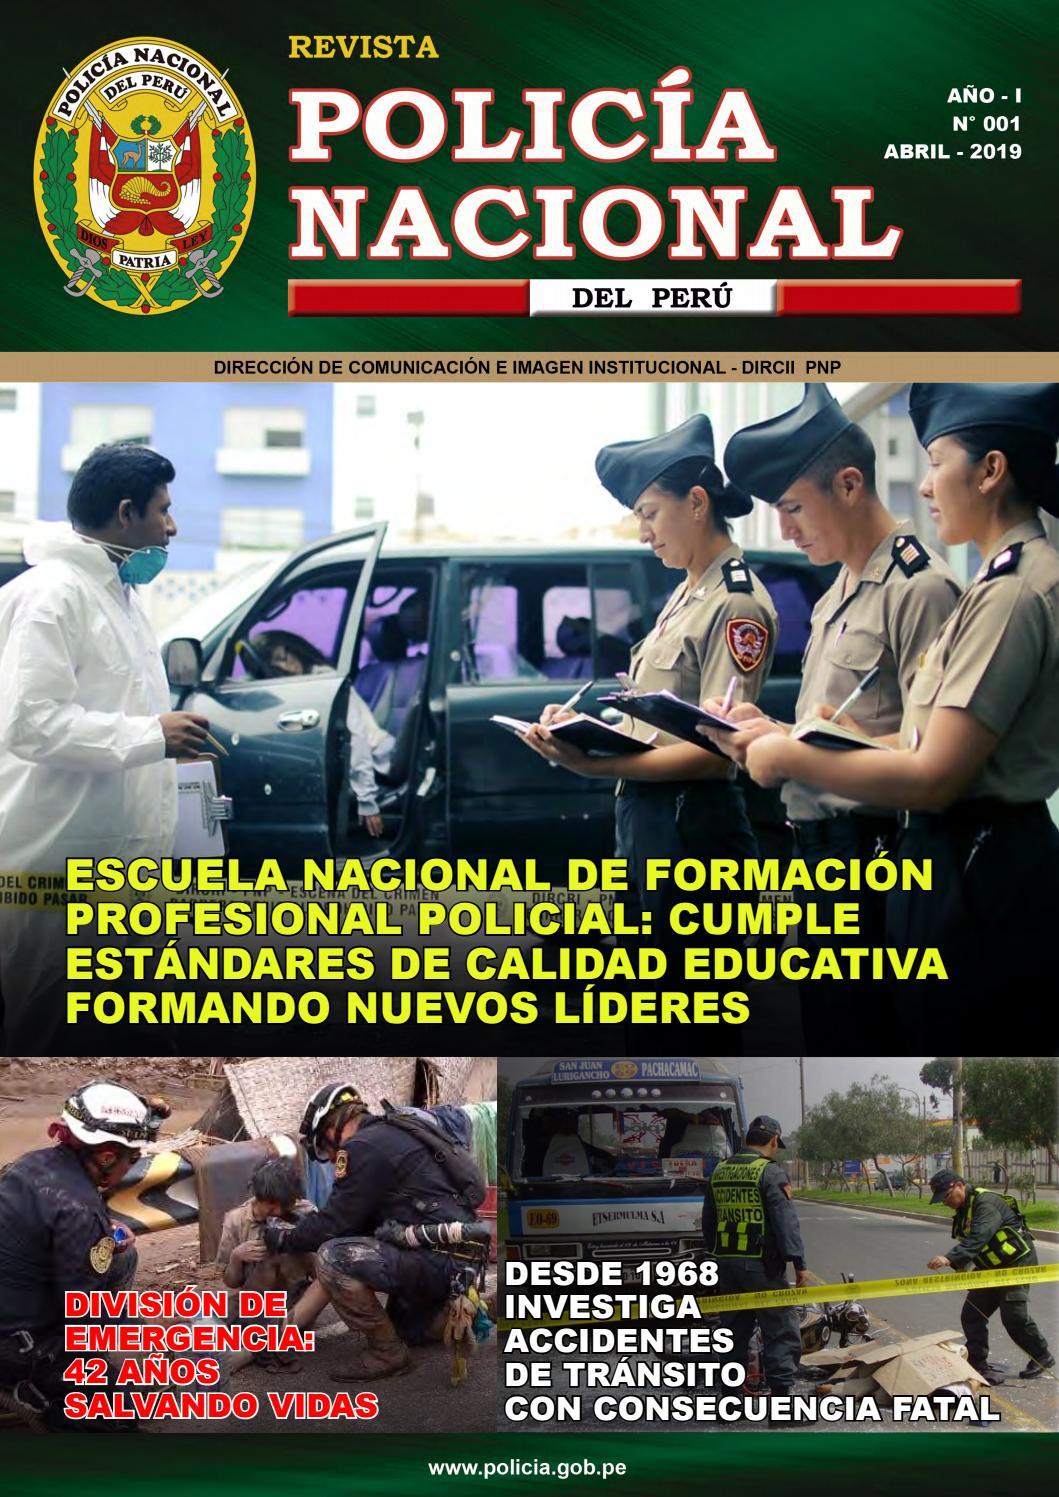 Revista Pnp Edicion Nº 1 By Policia Nacional Del Peru Issuu Colección de santa tomasa cruz mejillones. revista pnp edicion nº 1 by policia